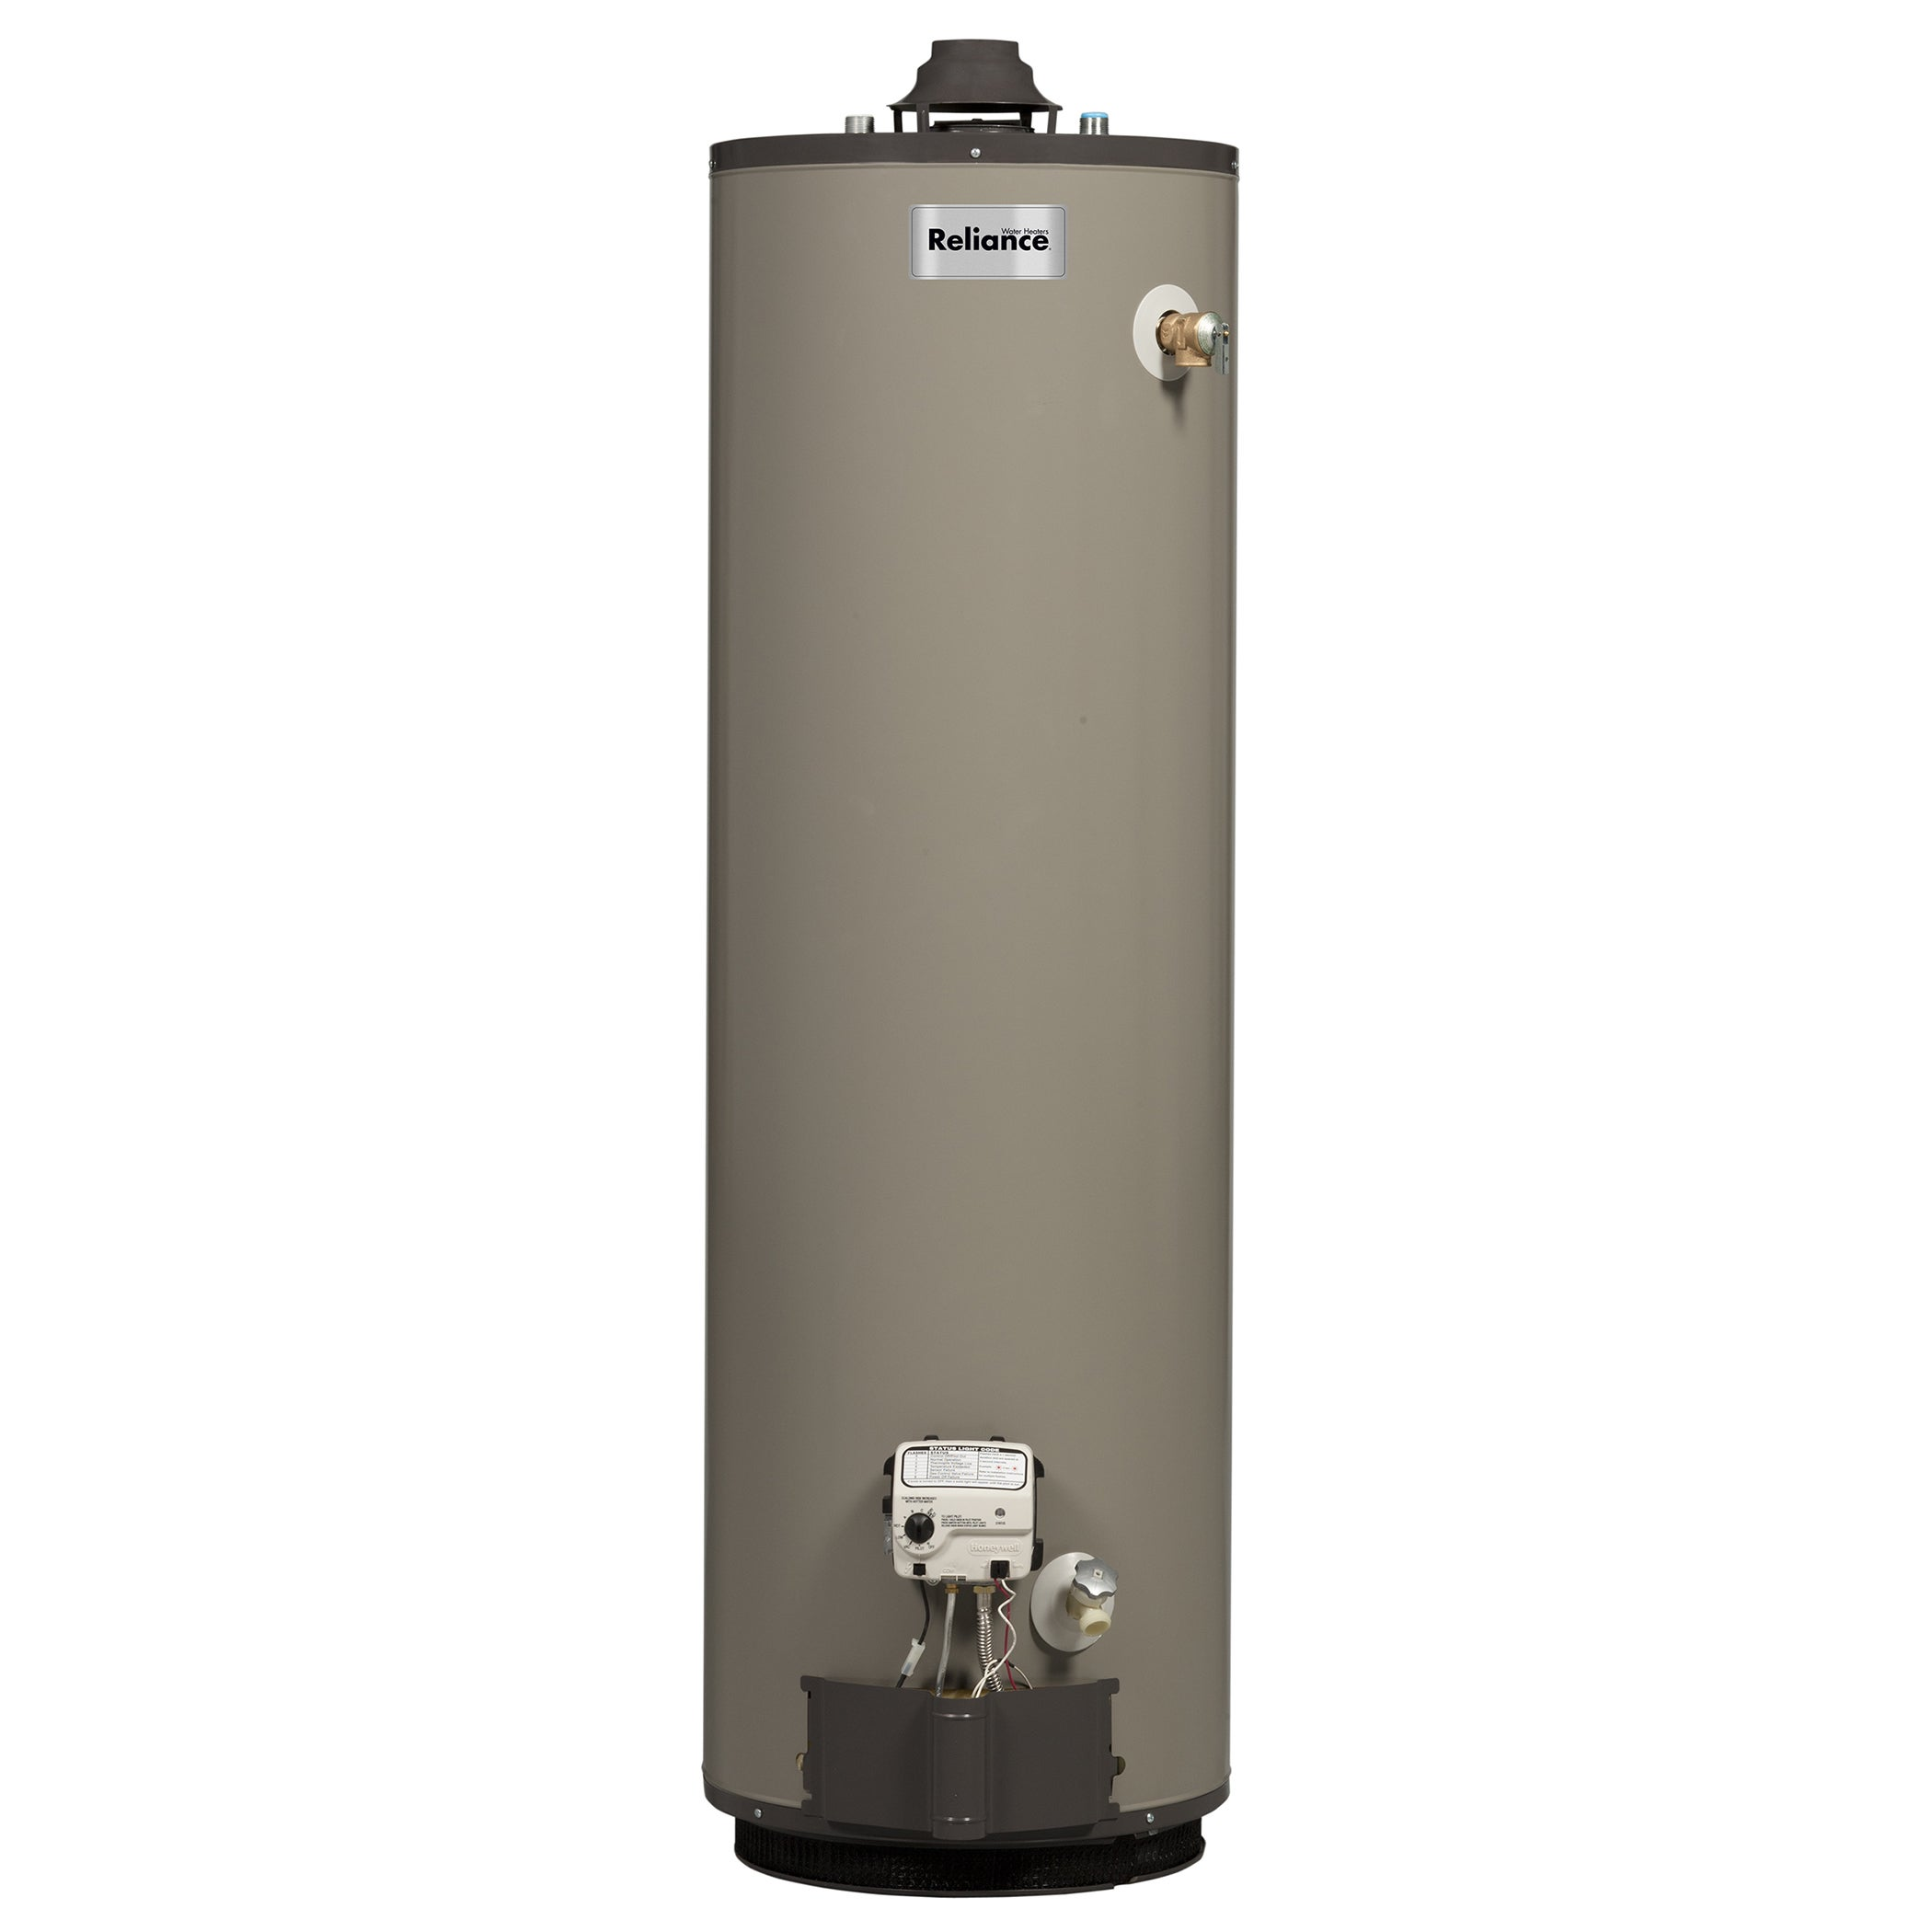 Jensen Reliance 9 50 Nkrt Tall 50 Gallon Gas Water Heater...